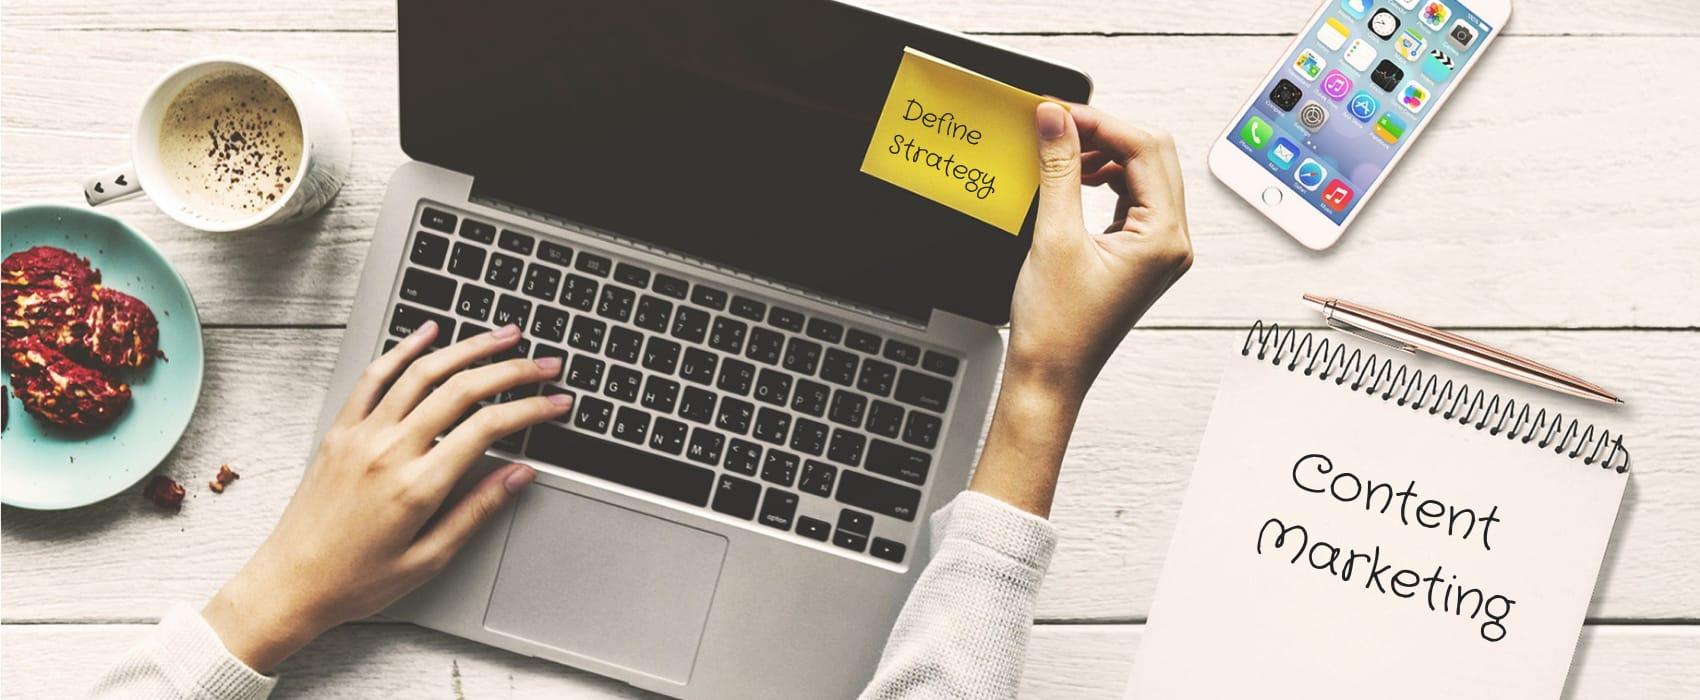 laptop with sticky note strategy